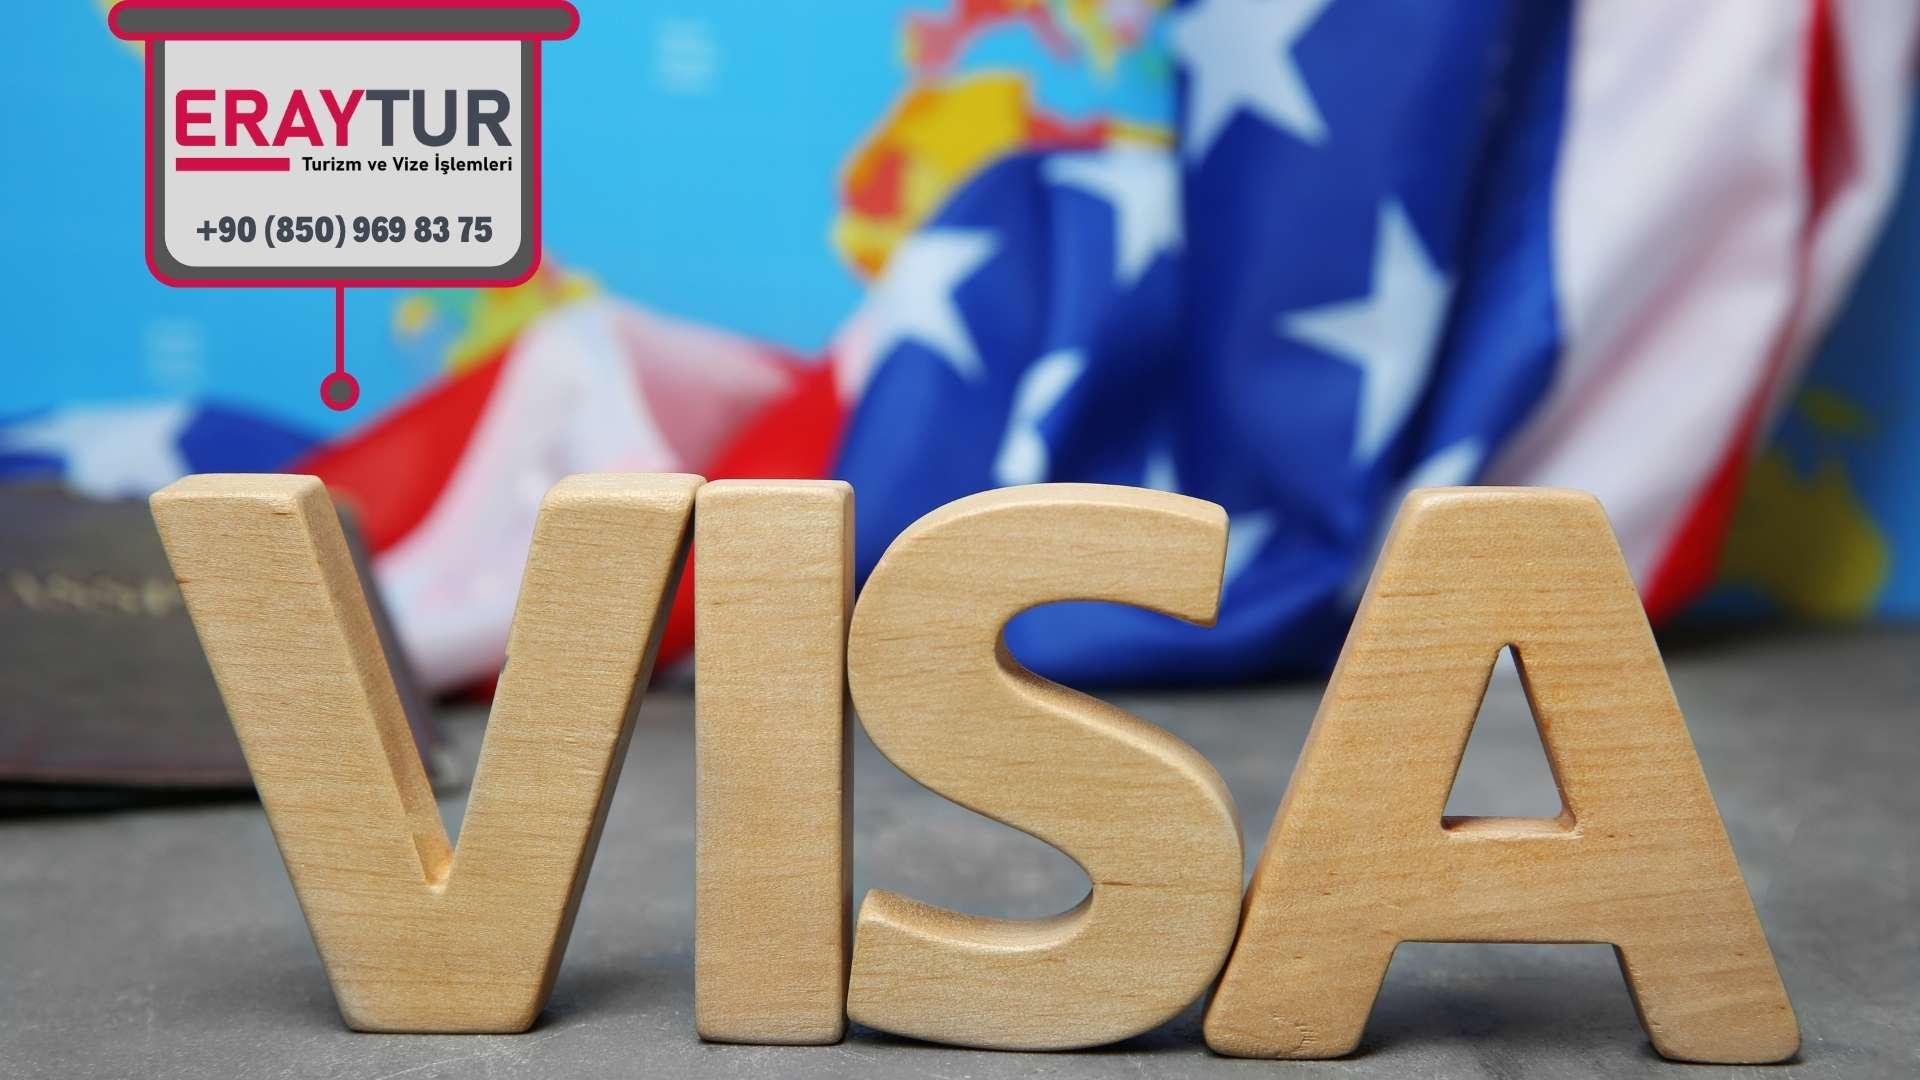 Amerika Turistik Vize İşveren Evrakları